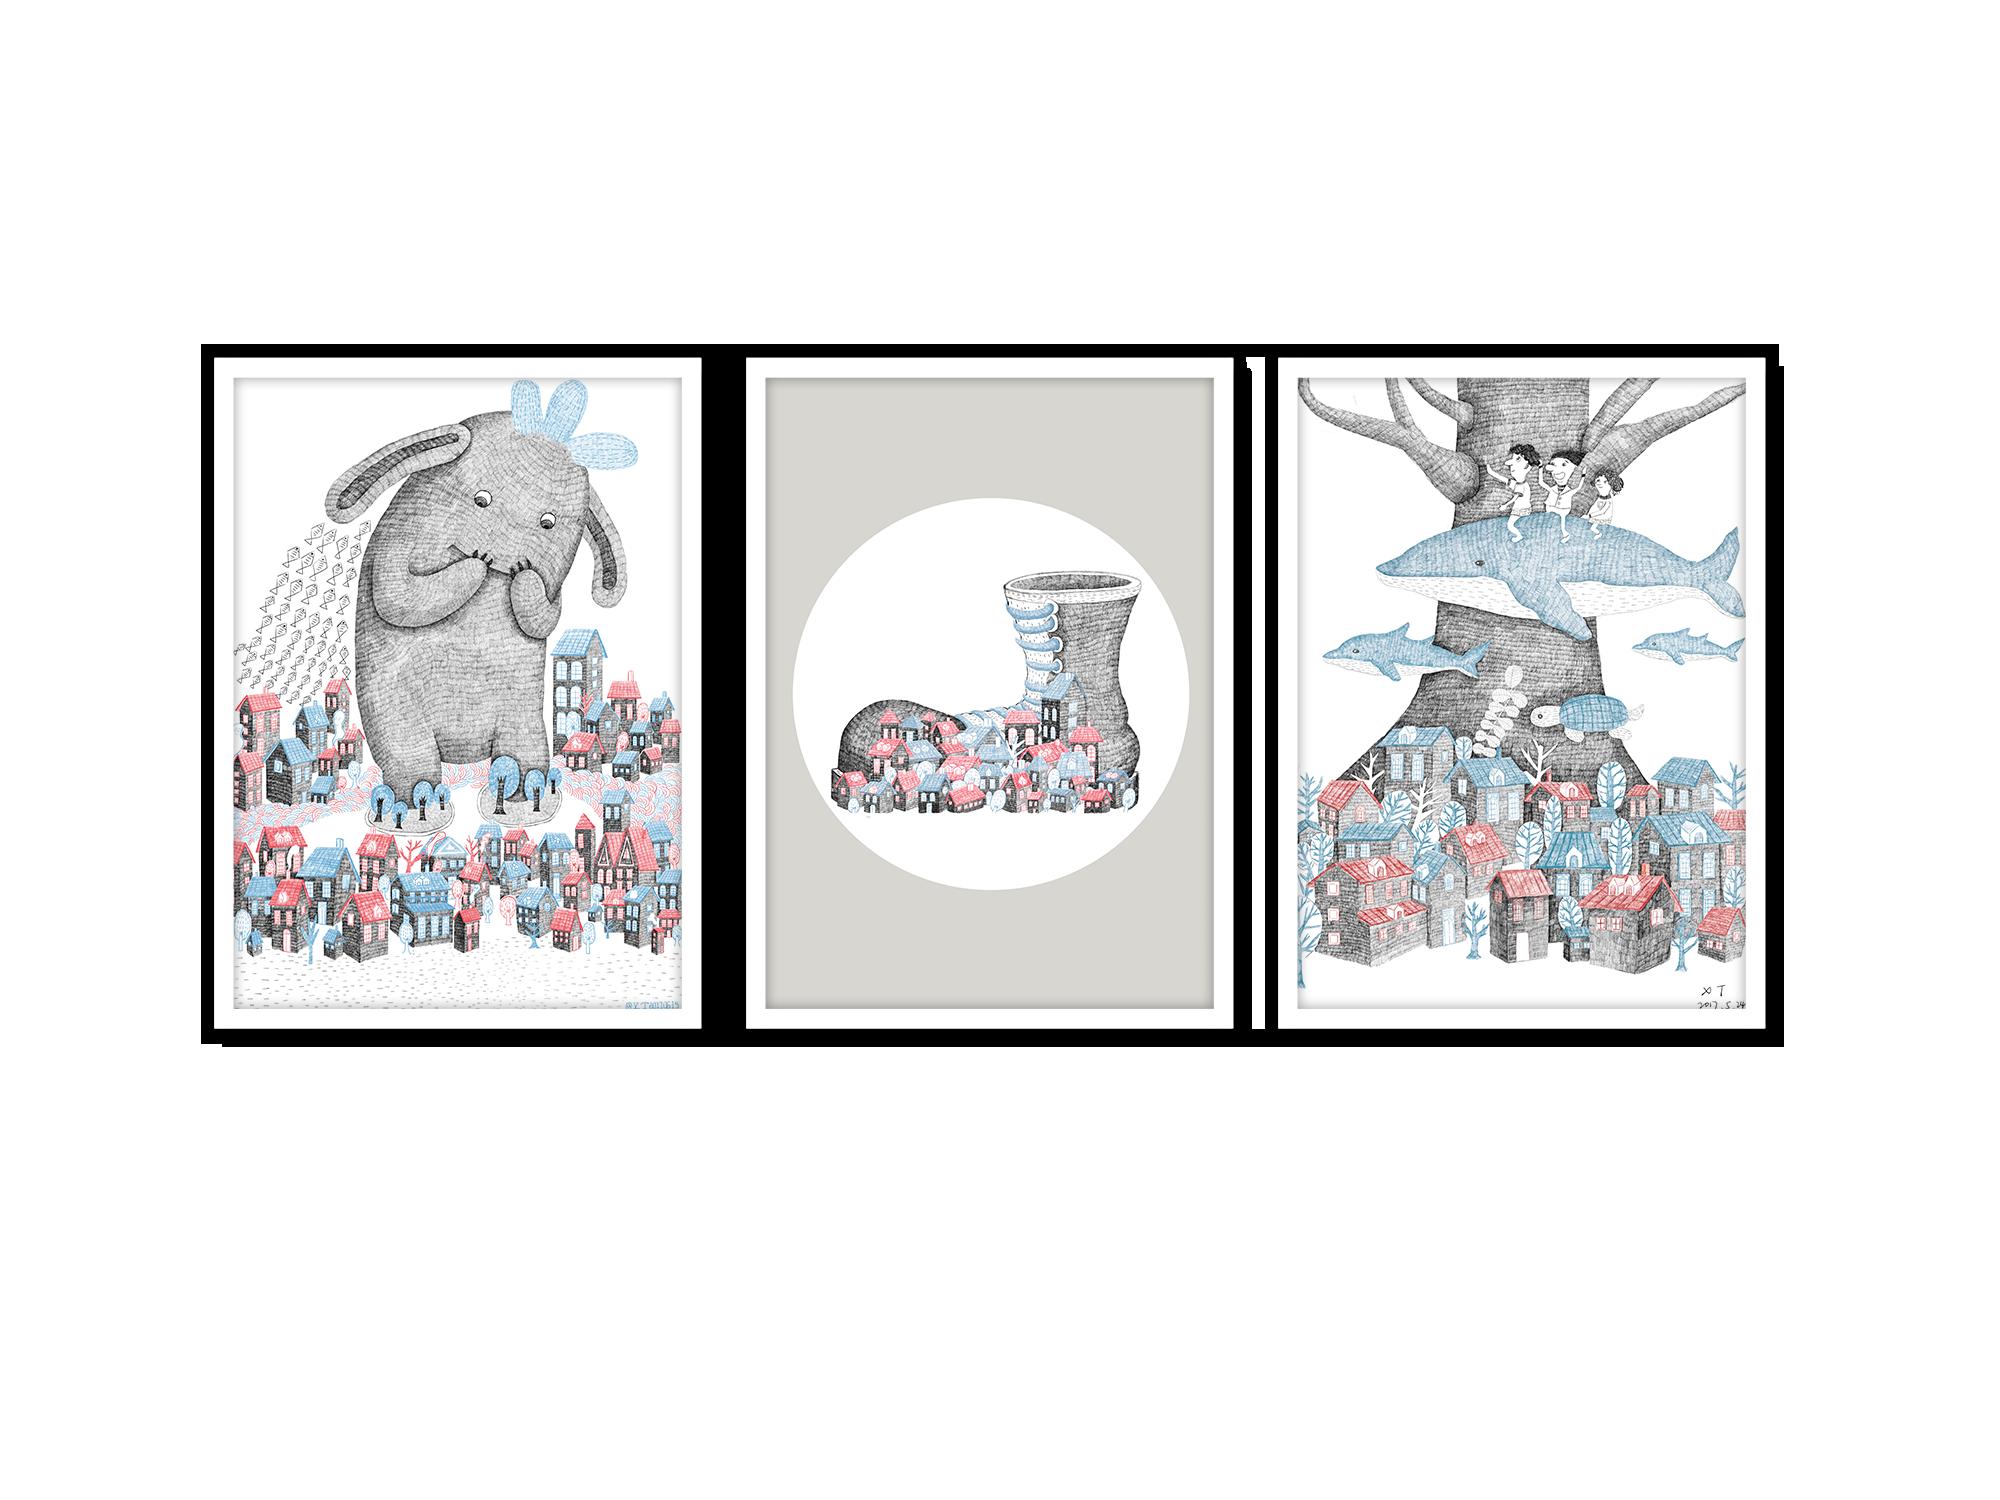 Tranh trang trí phòng trẻ em Lost in tiny world